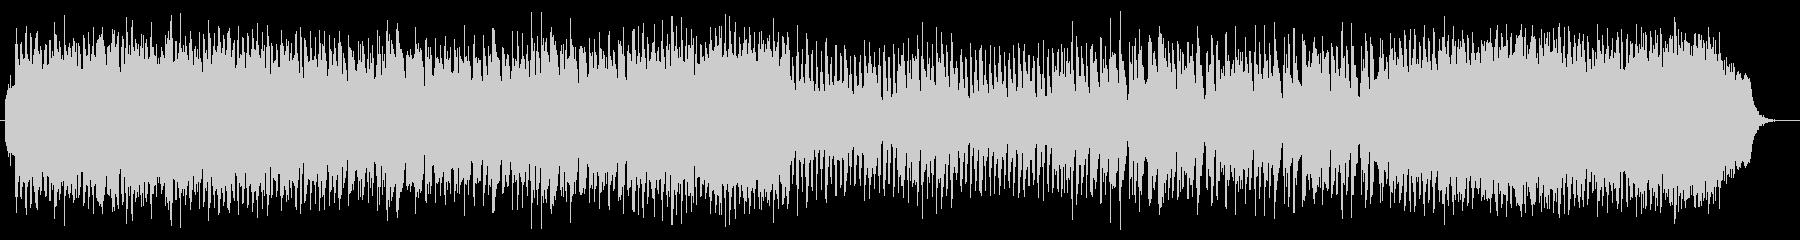 リズムに緊張感のあるオーケストラ曲の未再生の波形